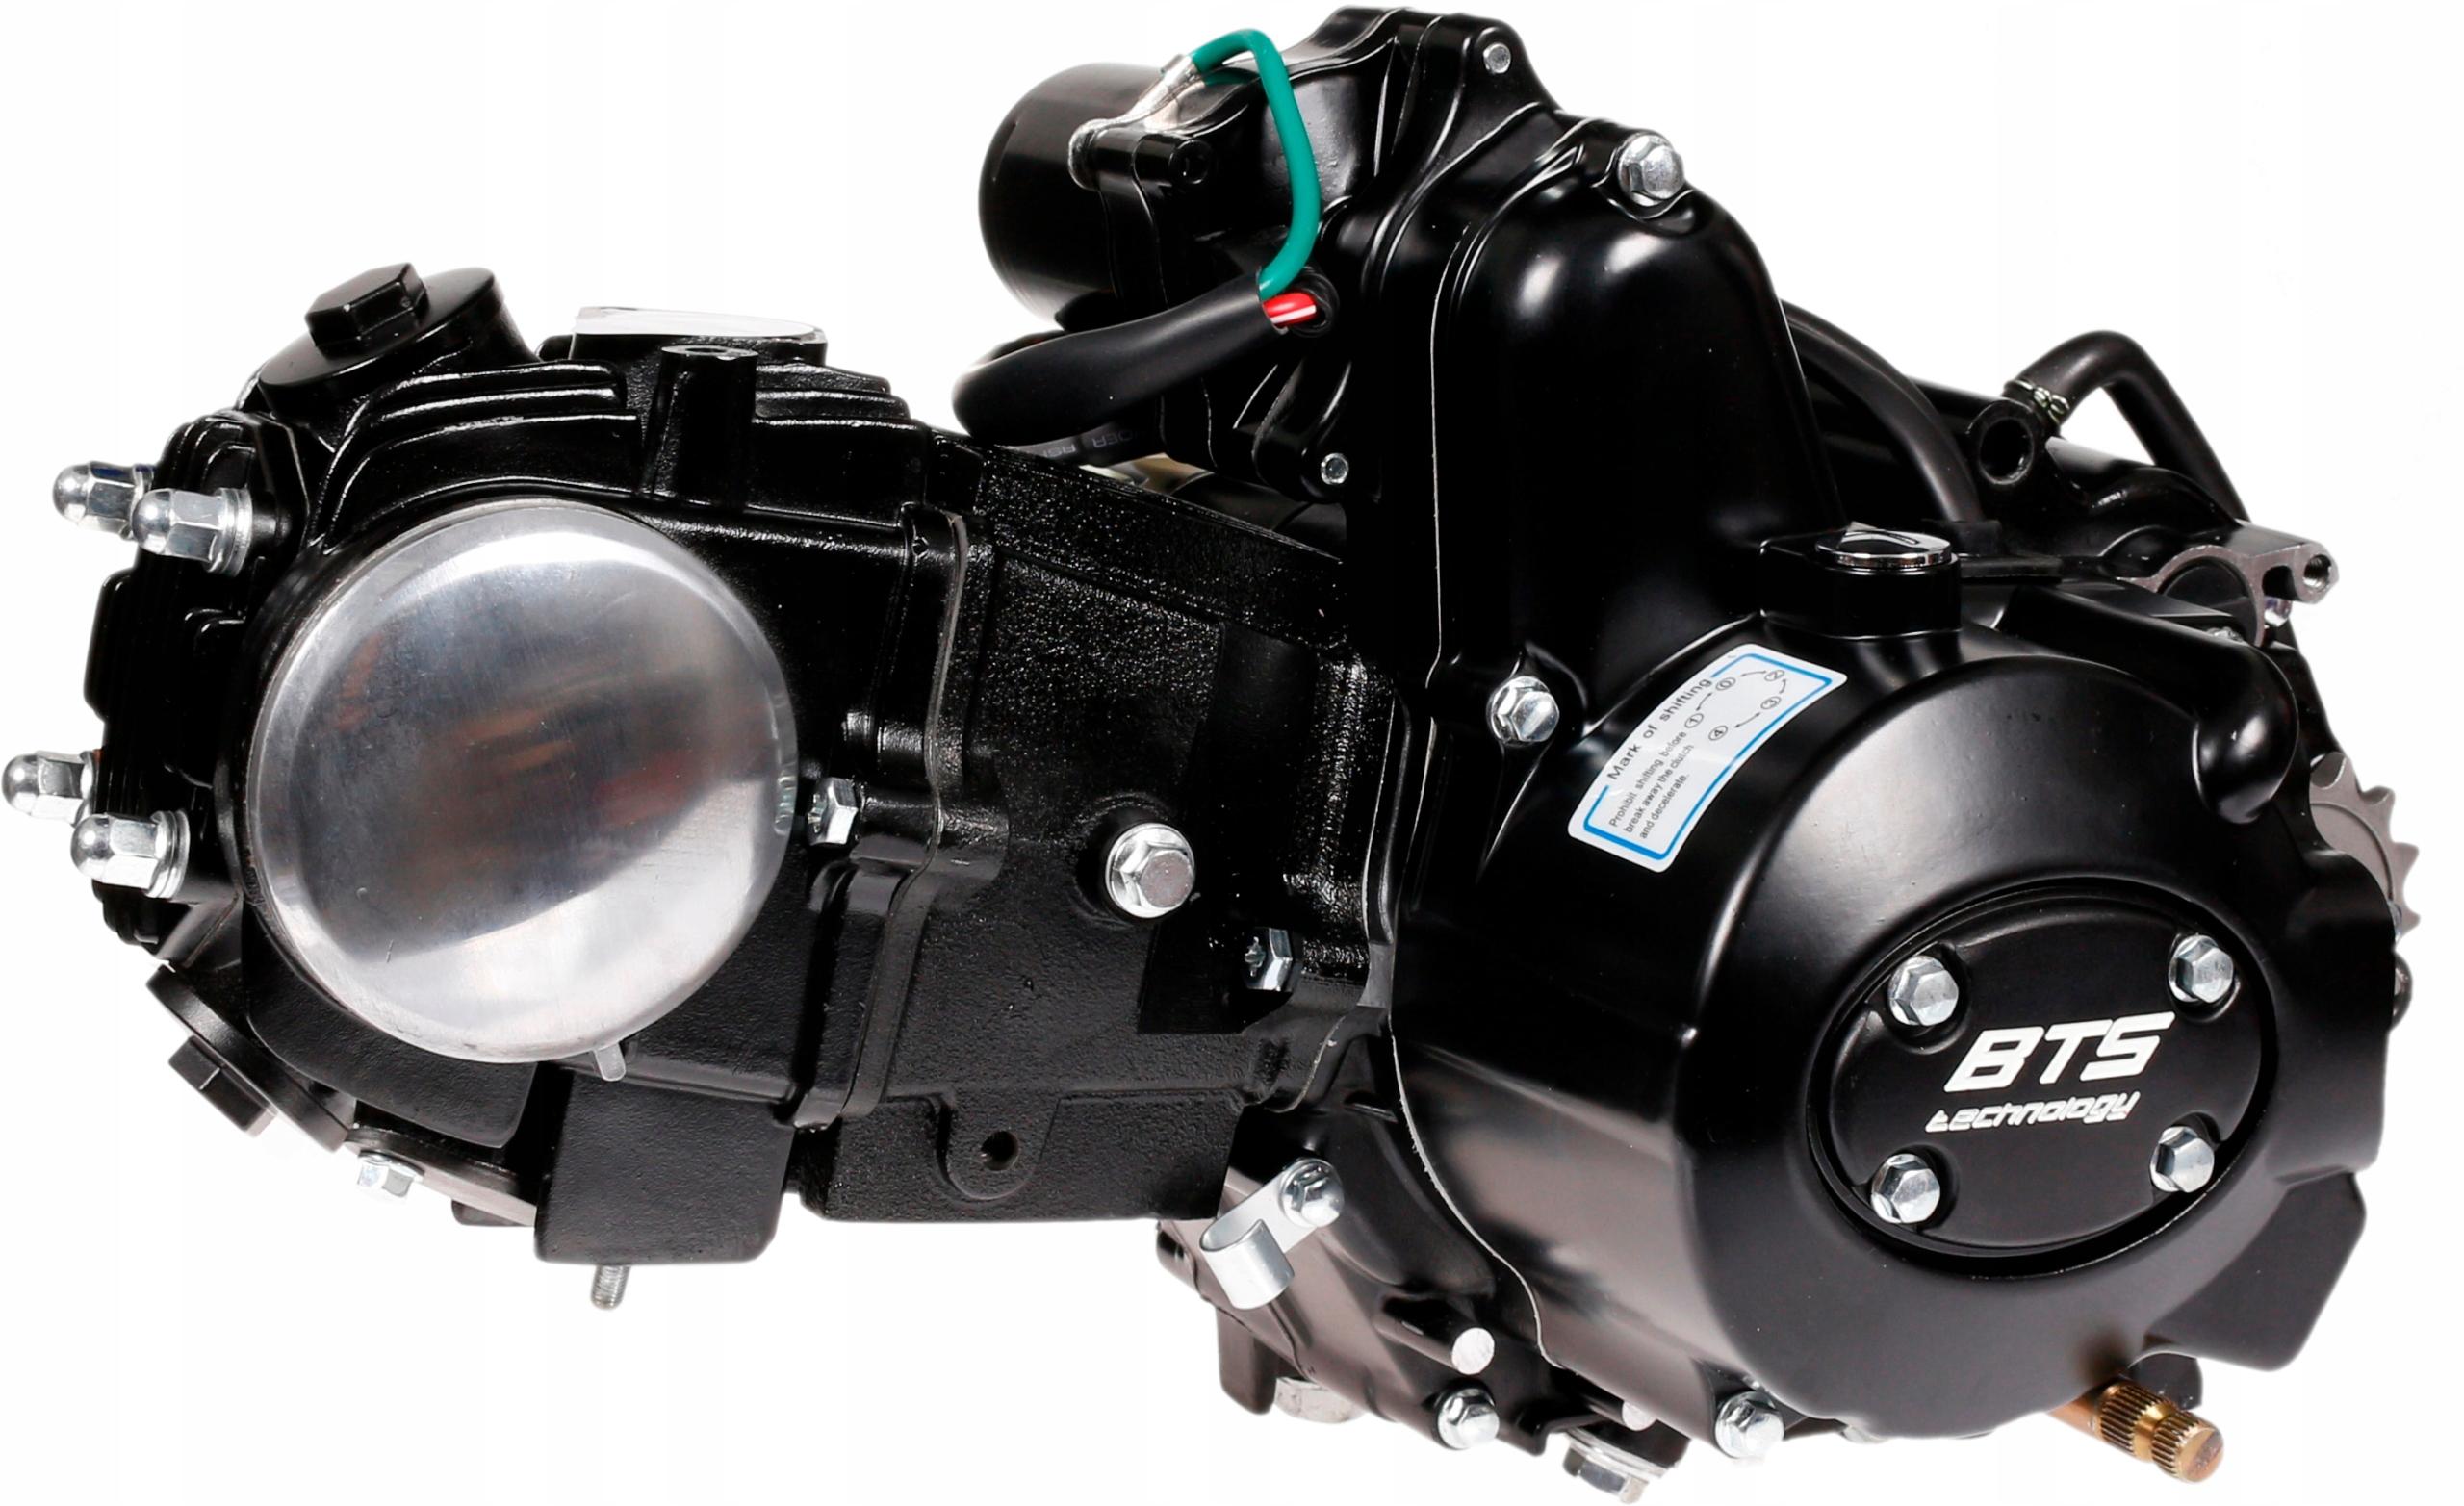 Двигатель 125cc BTS 4T Юноша Romet Barton Zipp Маршрутизатор доставка товаров из Польши и Allegro на русском